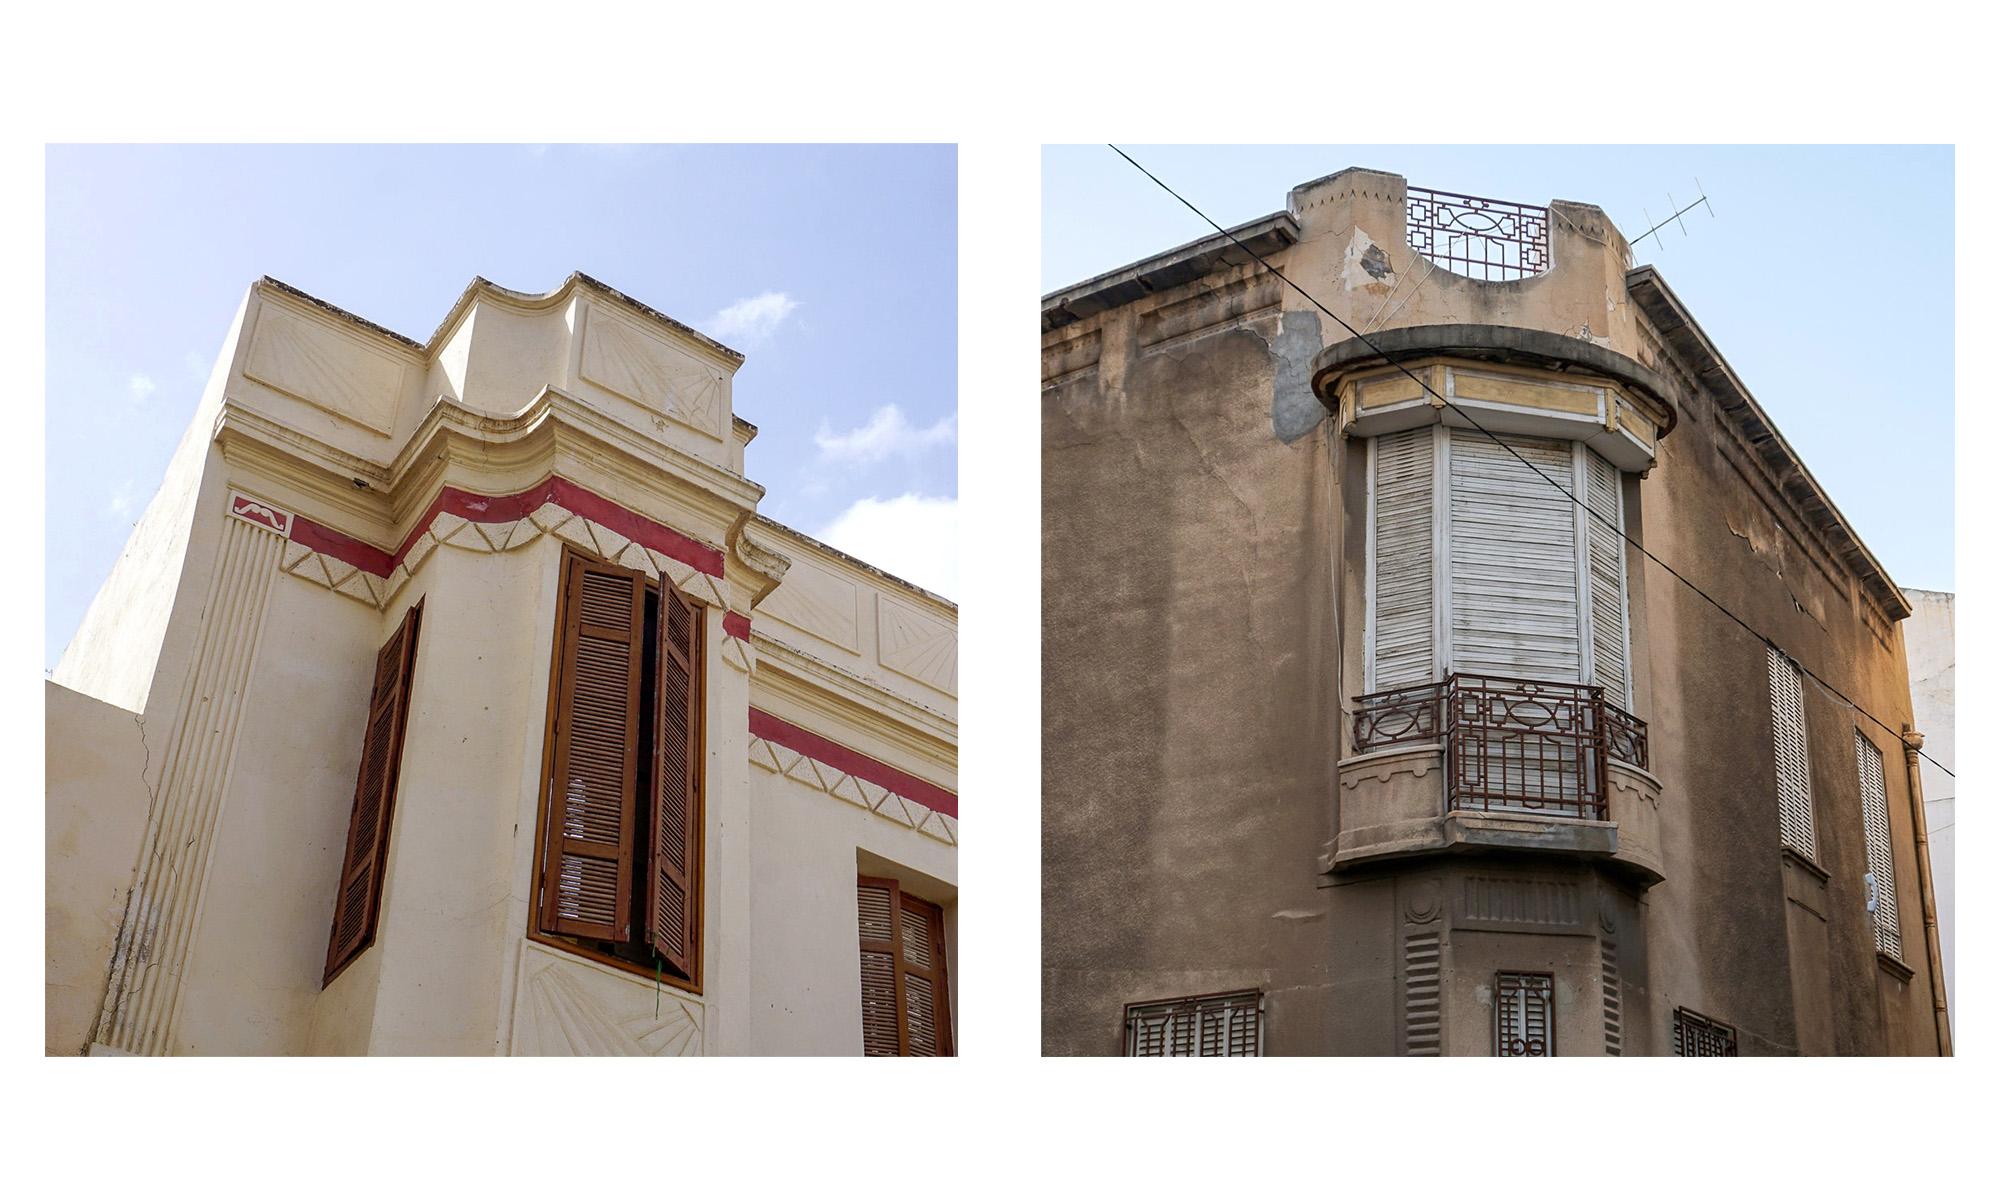 Zwei Fassadendetails aus den 30er-Jahren an heruntergekommenen Gebäuden